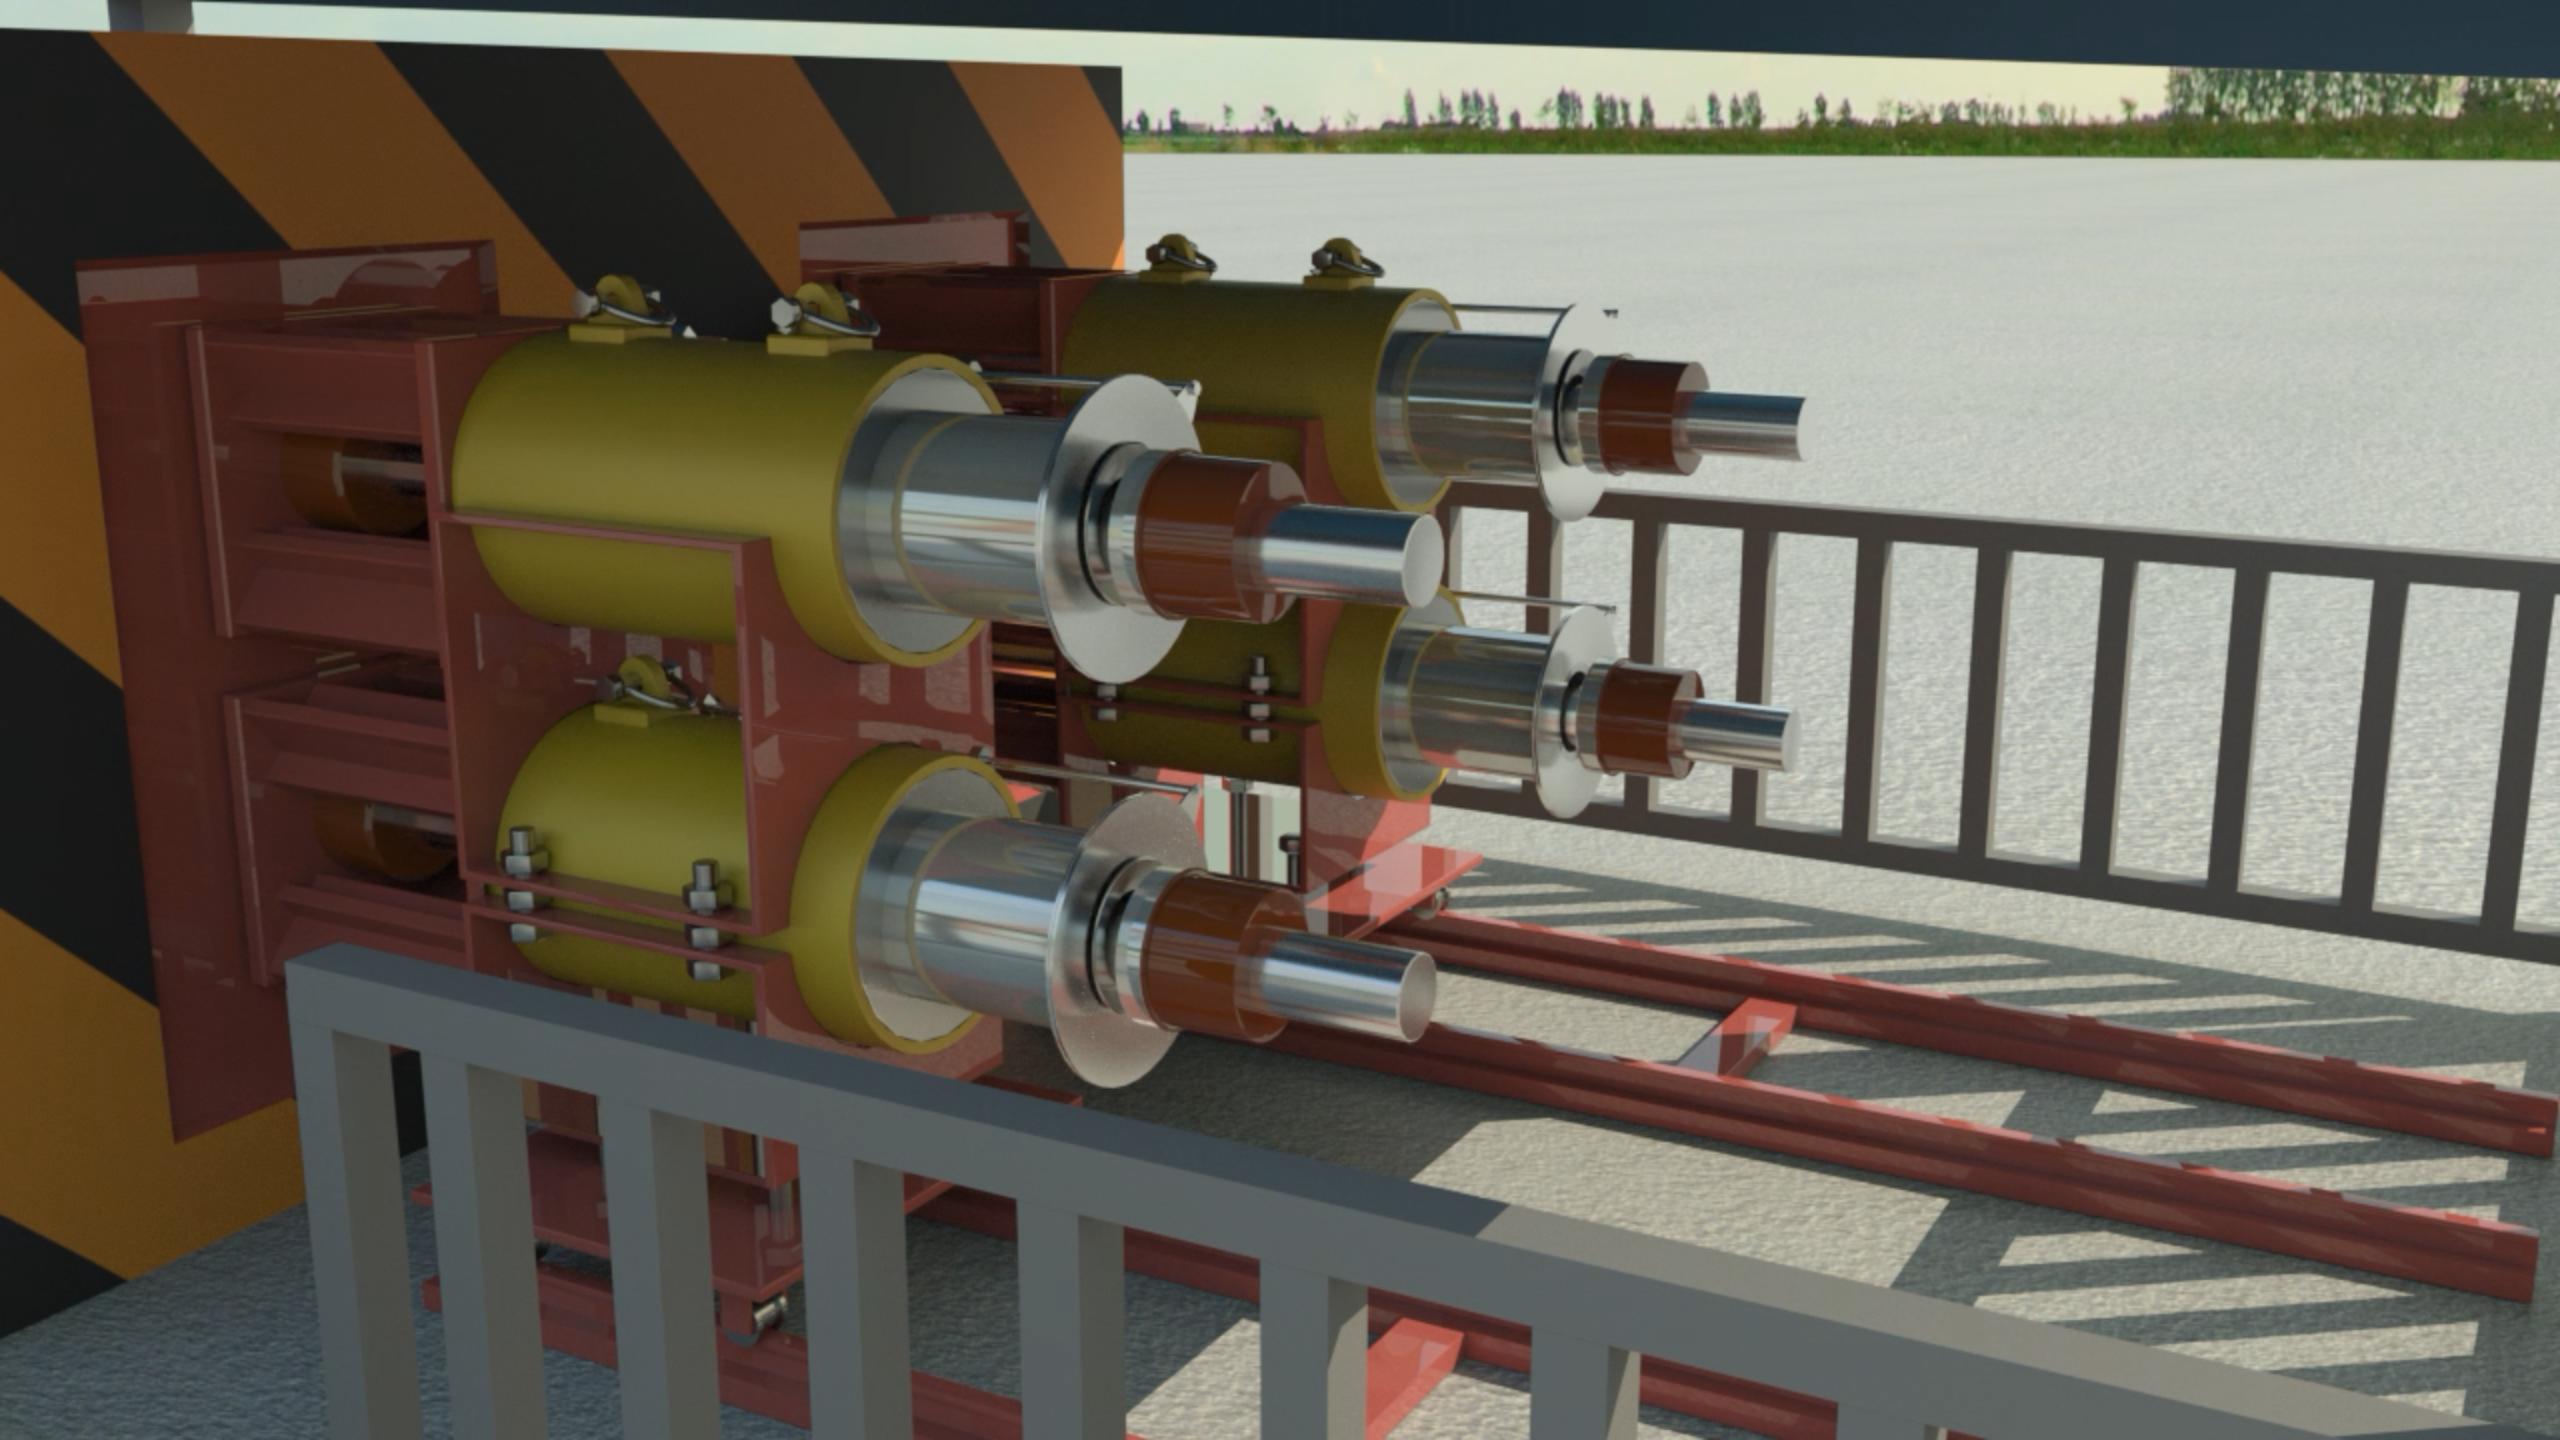 3D建模3d动画场景建模产品渲染3d模型建模3d效果图渲染